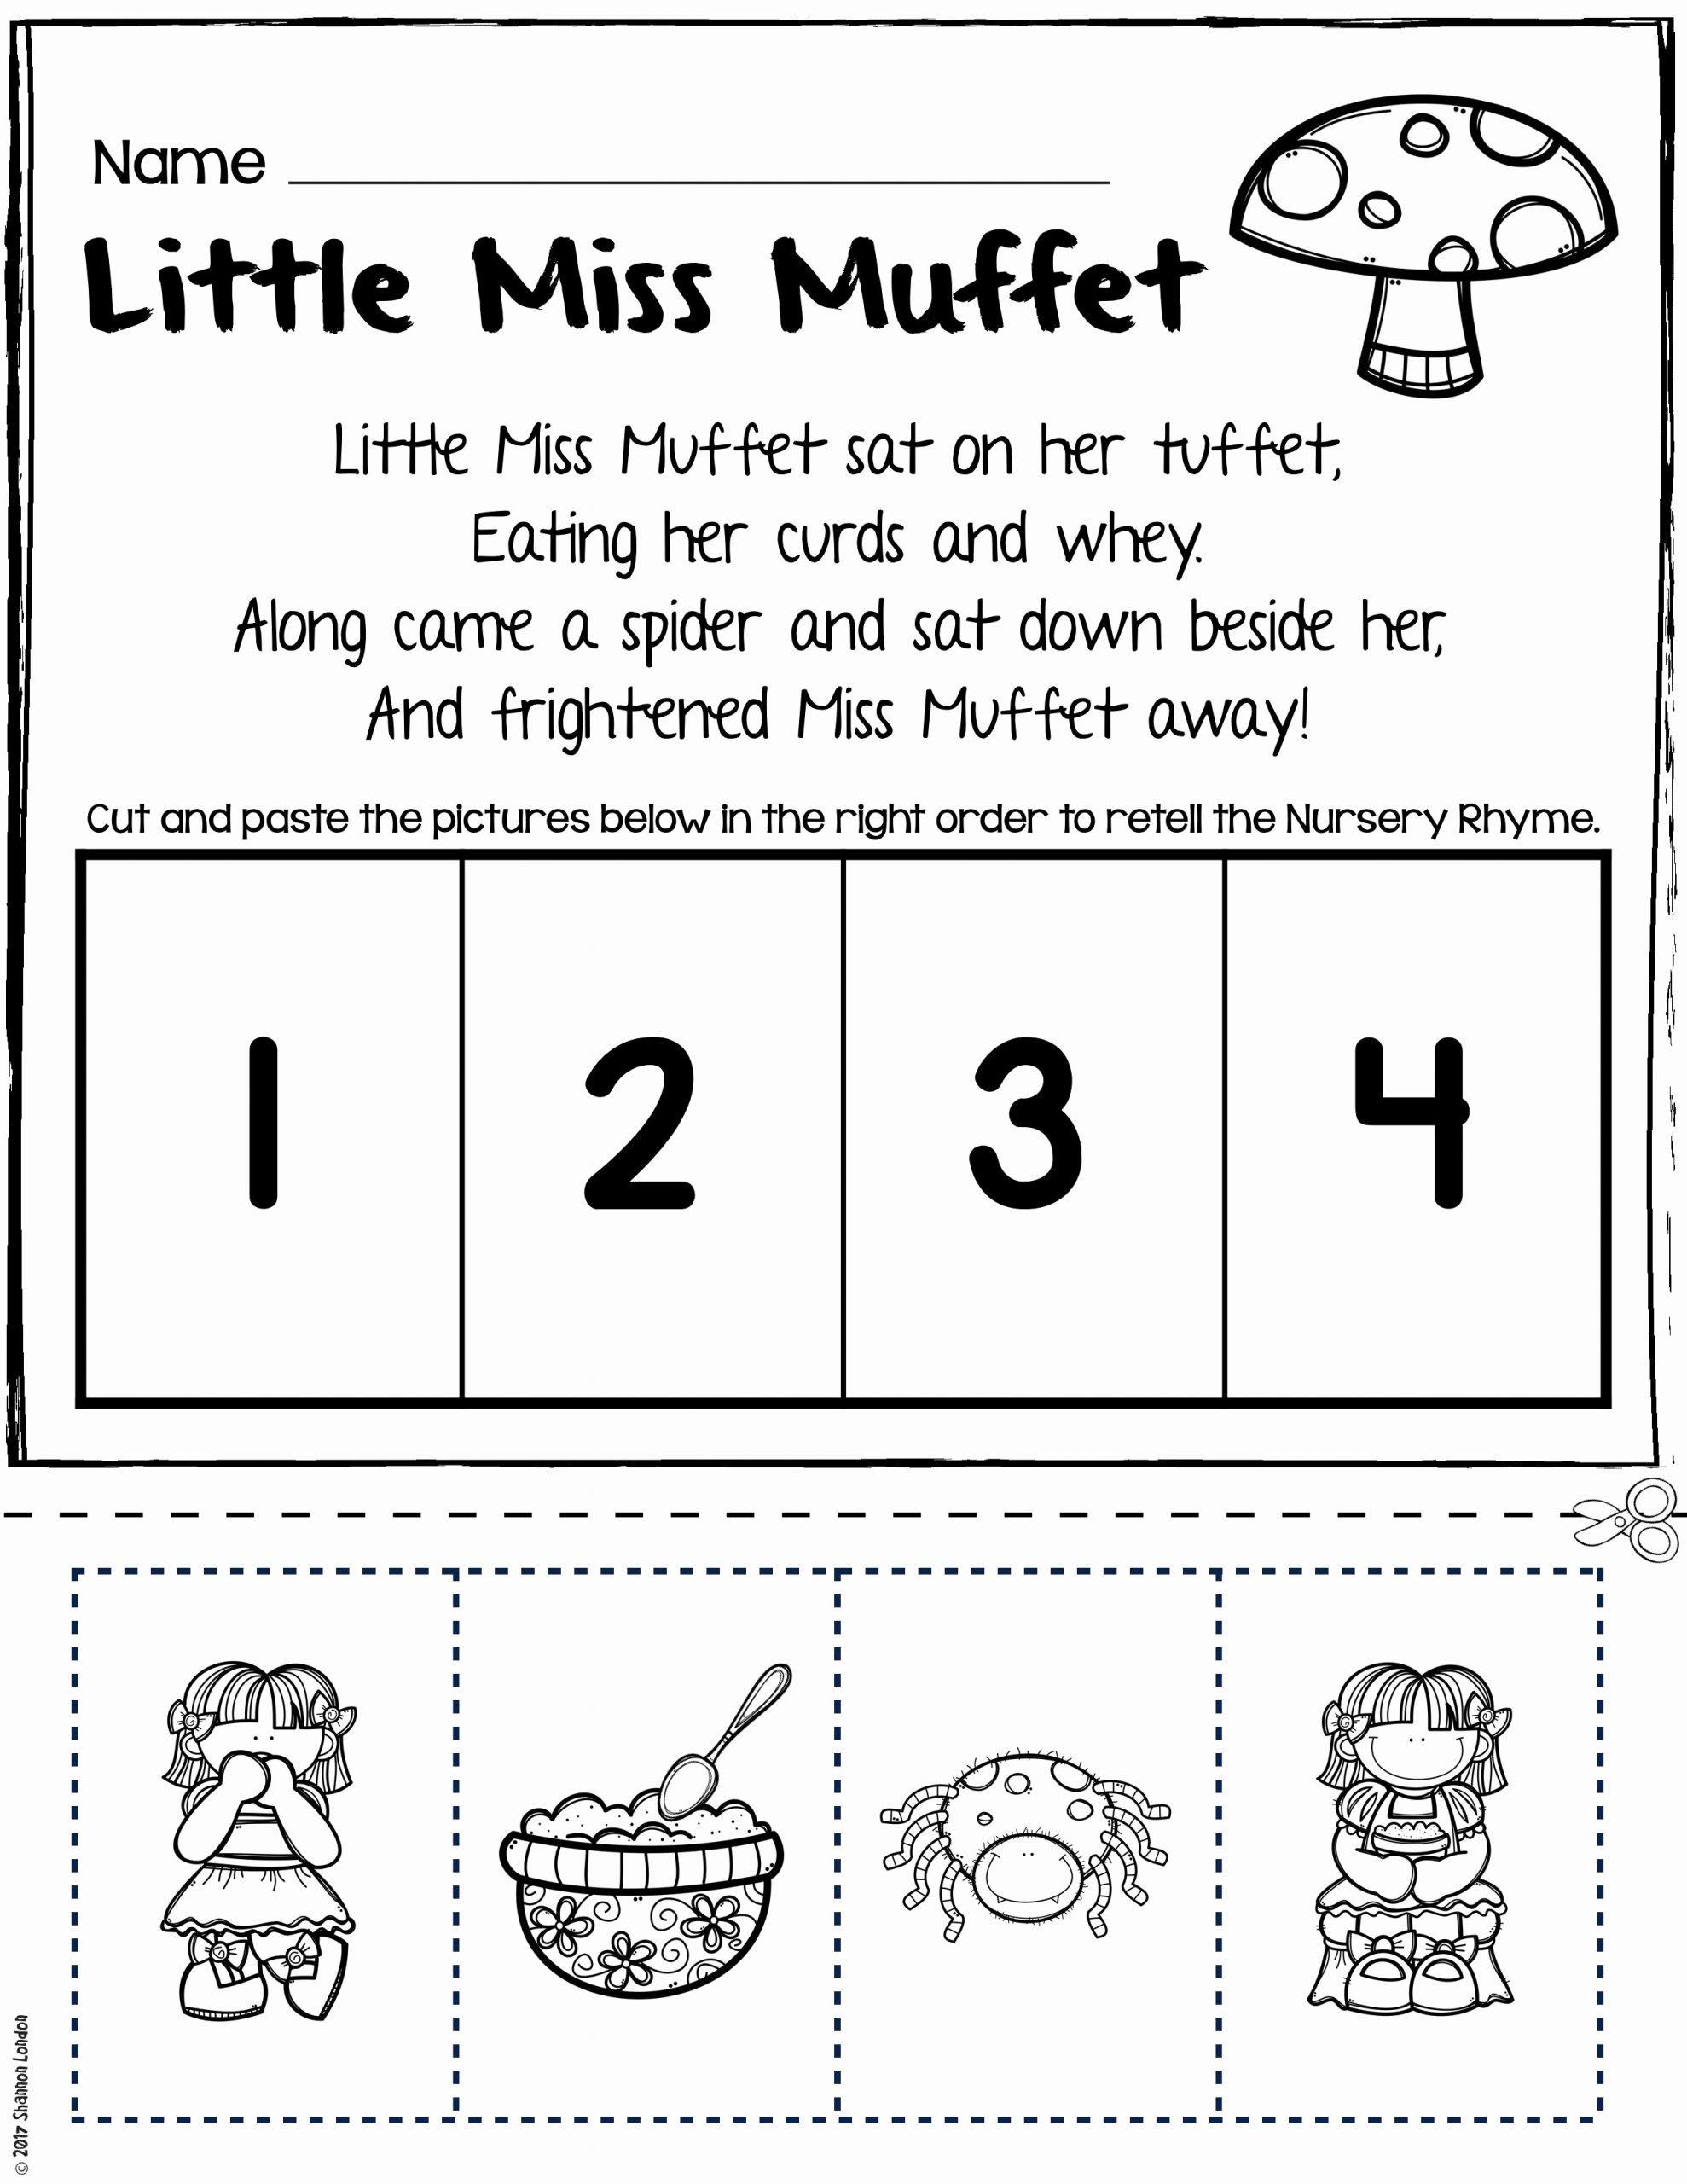 Free Nursery Rhymes Worksheets for Preschoolers Printable Nursery Rhymes Worksheets for Story Retelling Practice